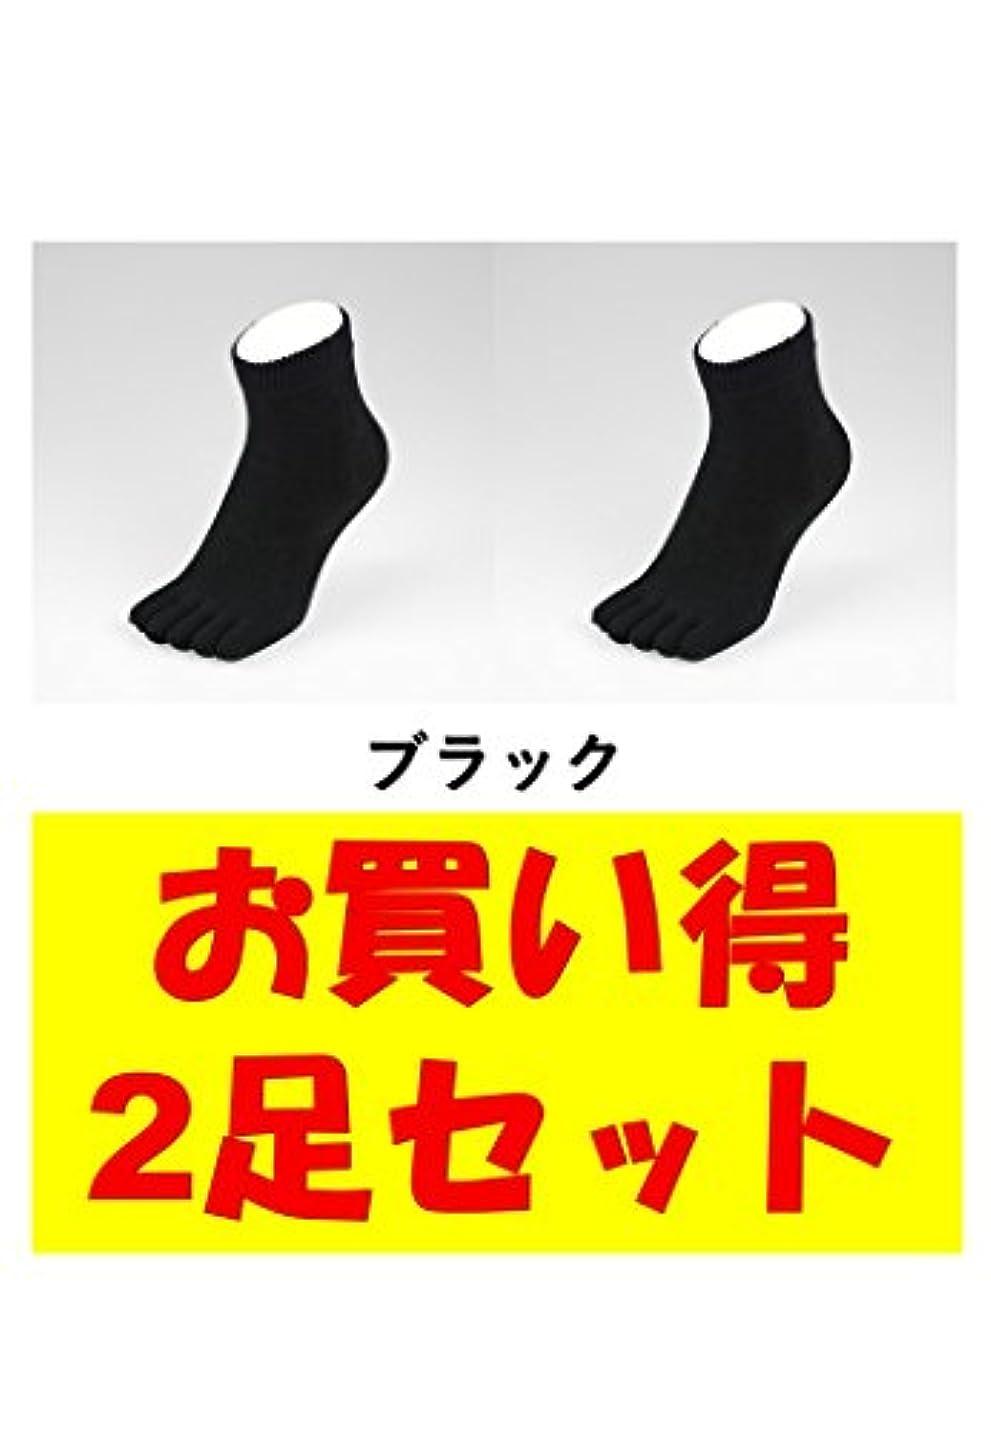 遺棄されたシダなにお買い得2足セット 5本指 ゆびのばソックス Neo EVE(イヴ) ブラック iサイズ(23.5cm - 25.5cm) YSNEVE-BLK